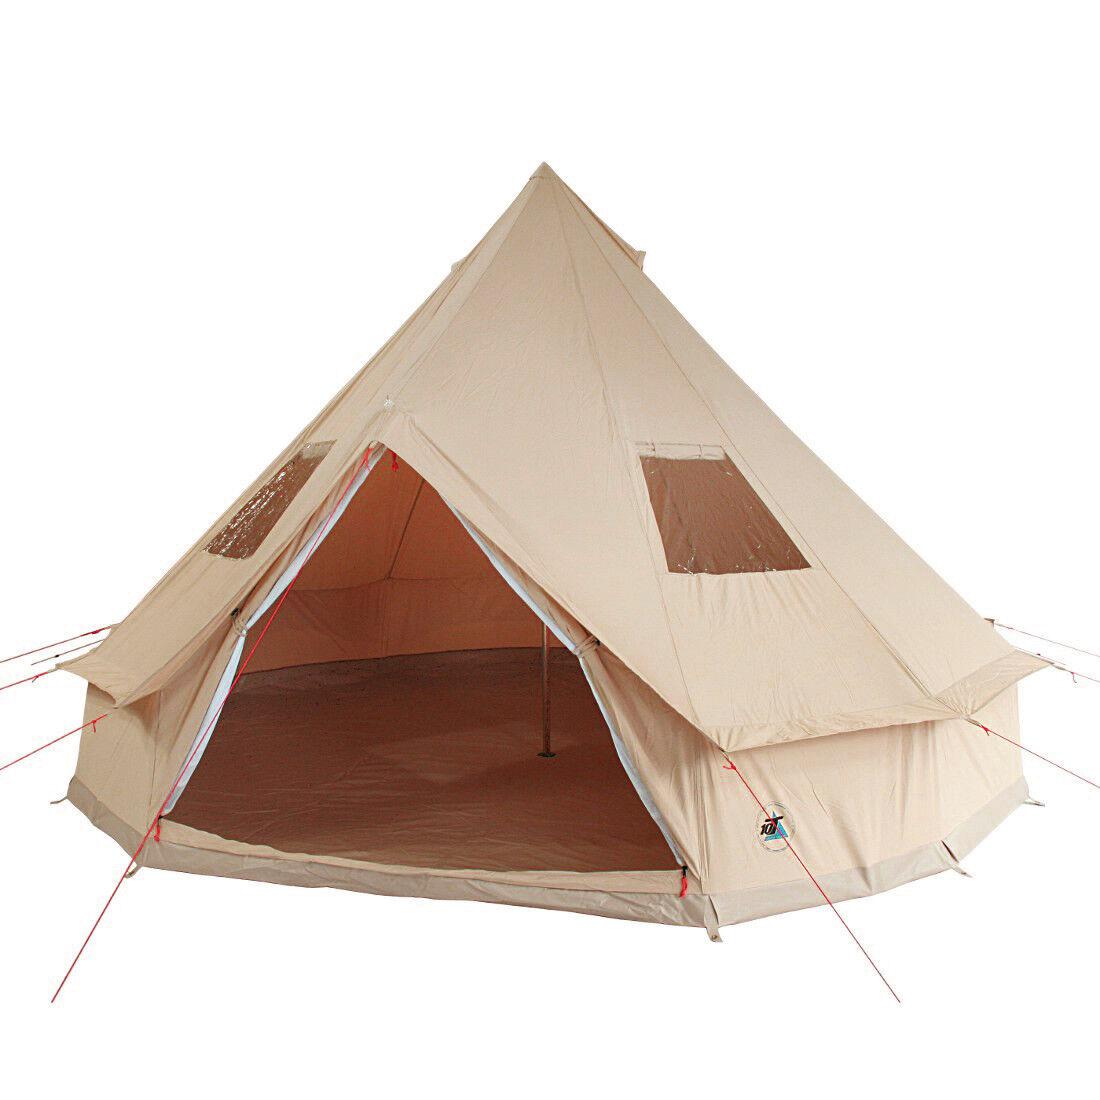 Camping-Zelt Desert 8 Tipi 4 - 8 Personen Baumwolle Stehhöhe wasserdicht